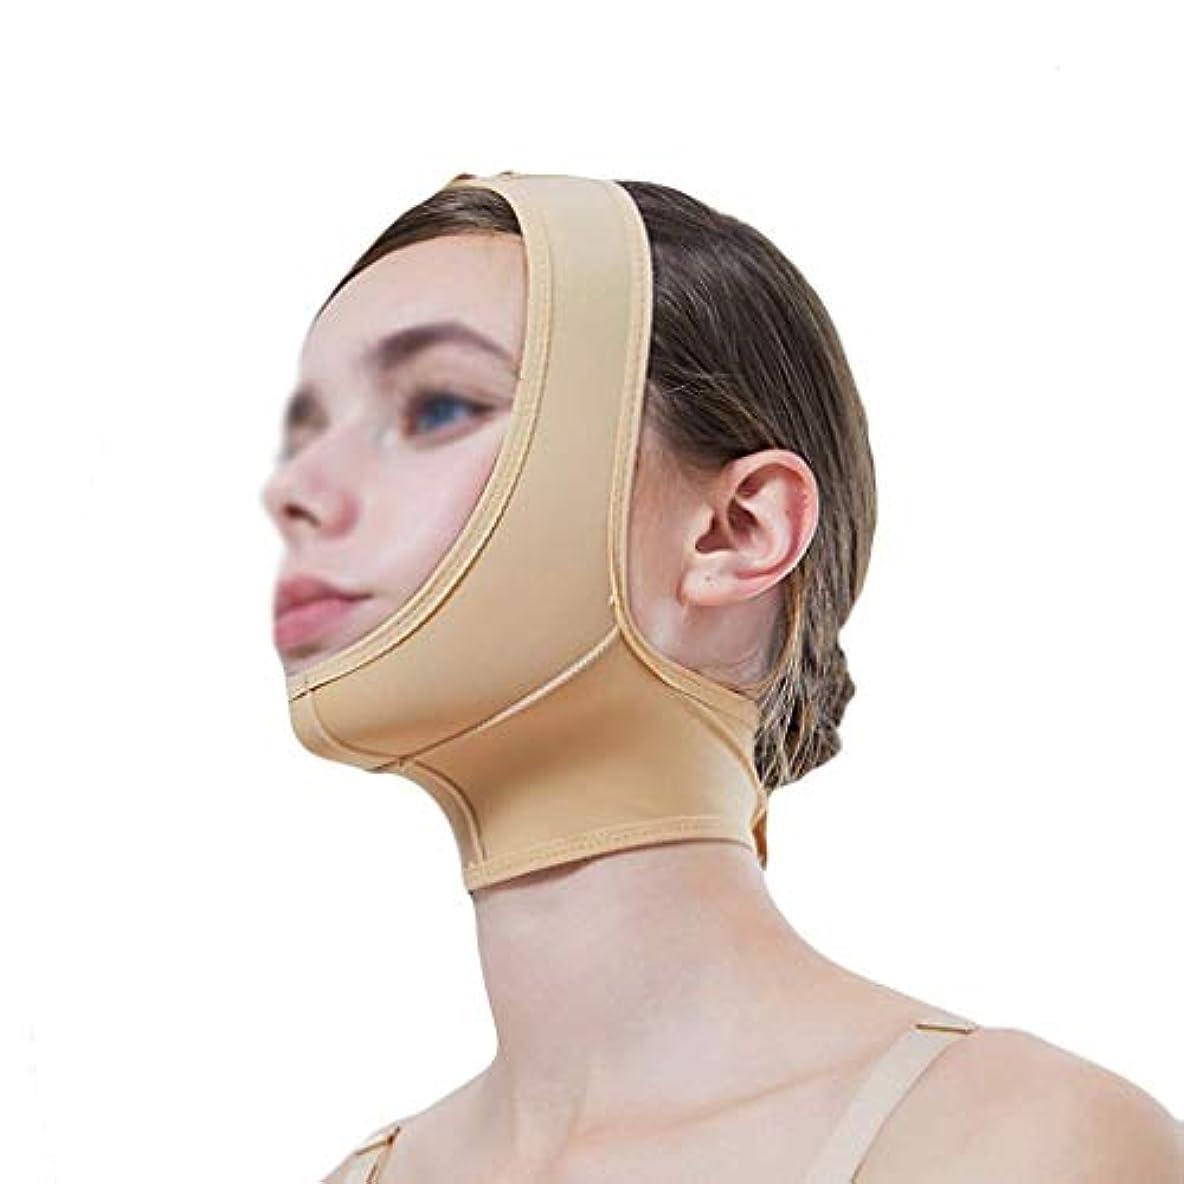 フリースからかう怠感マスク、超薄型ベルト、フェイスリフティングに適し、フェイスリフティング、通気性包帯、あご取りベルト、超薄型ベルト、通気性(サイズ:XL),XL